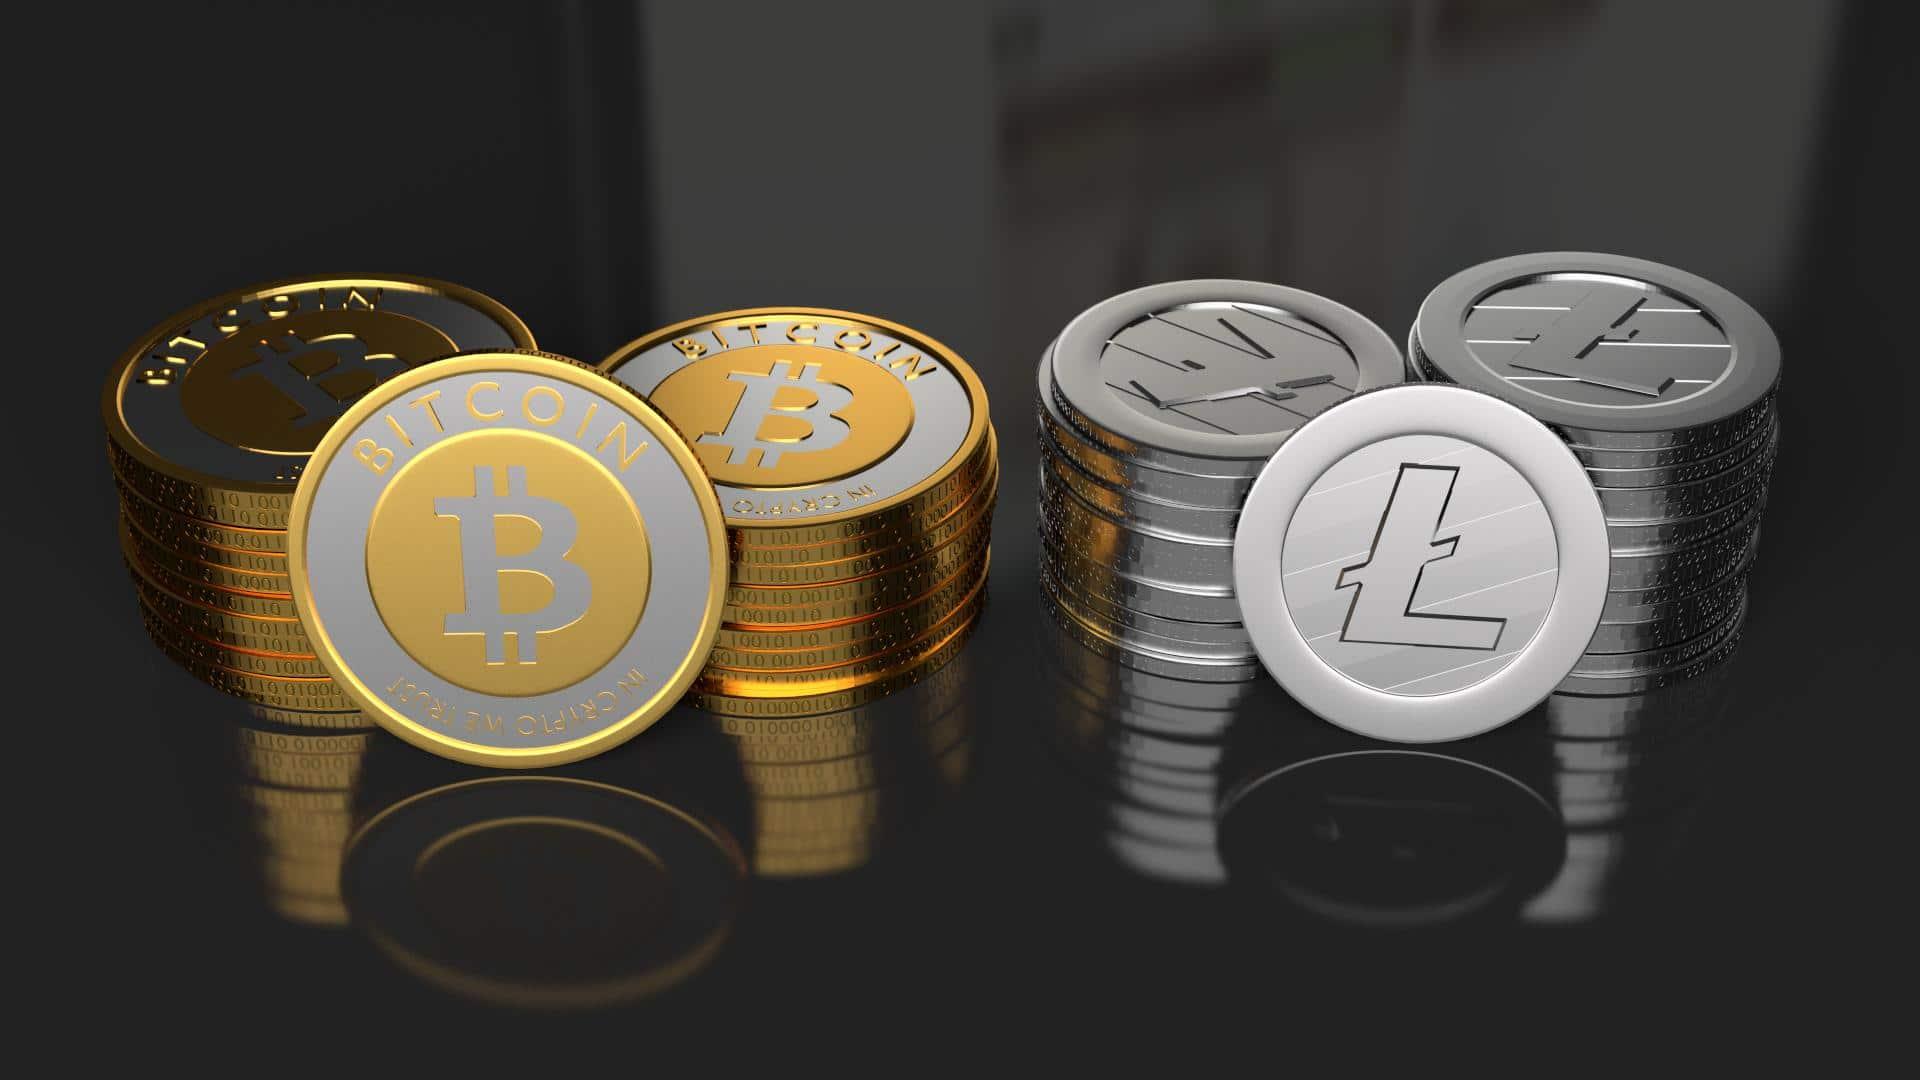 Câștigați bani tranzacționând diferite monede digitale - productis.ro